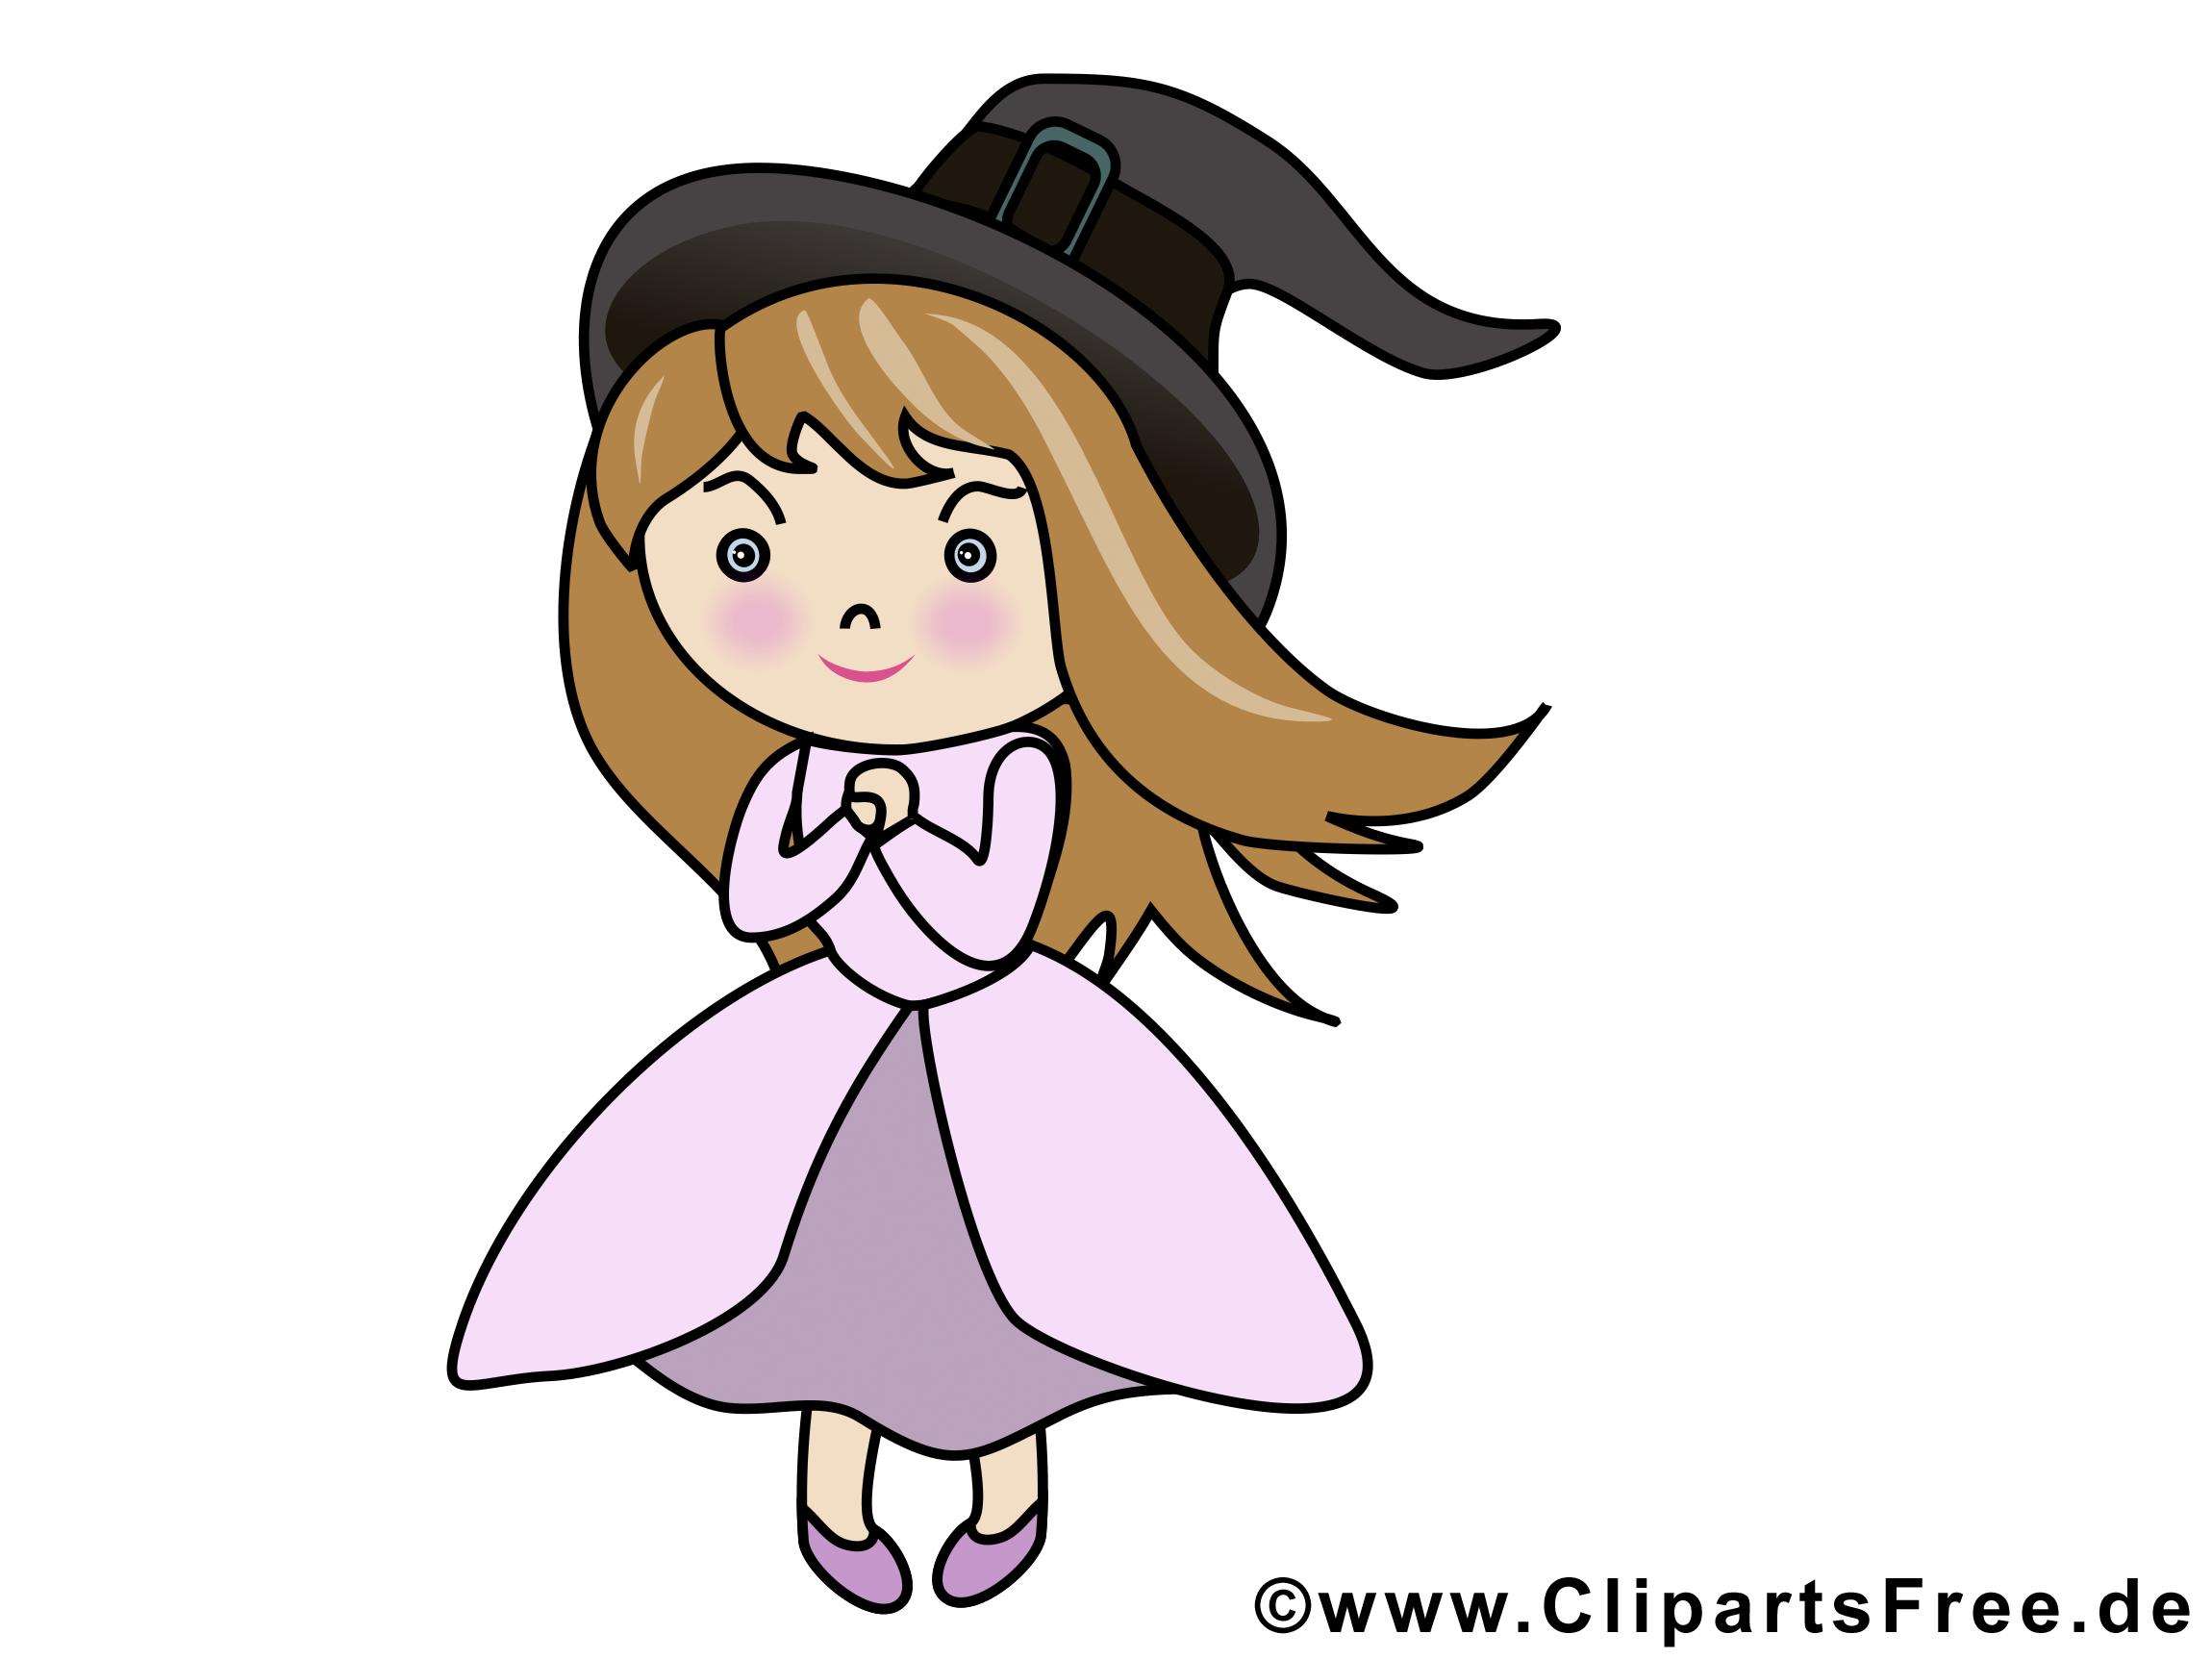 Clipart gratuit sorcière - Halloween images